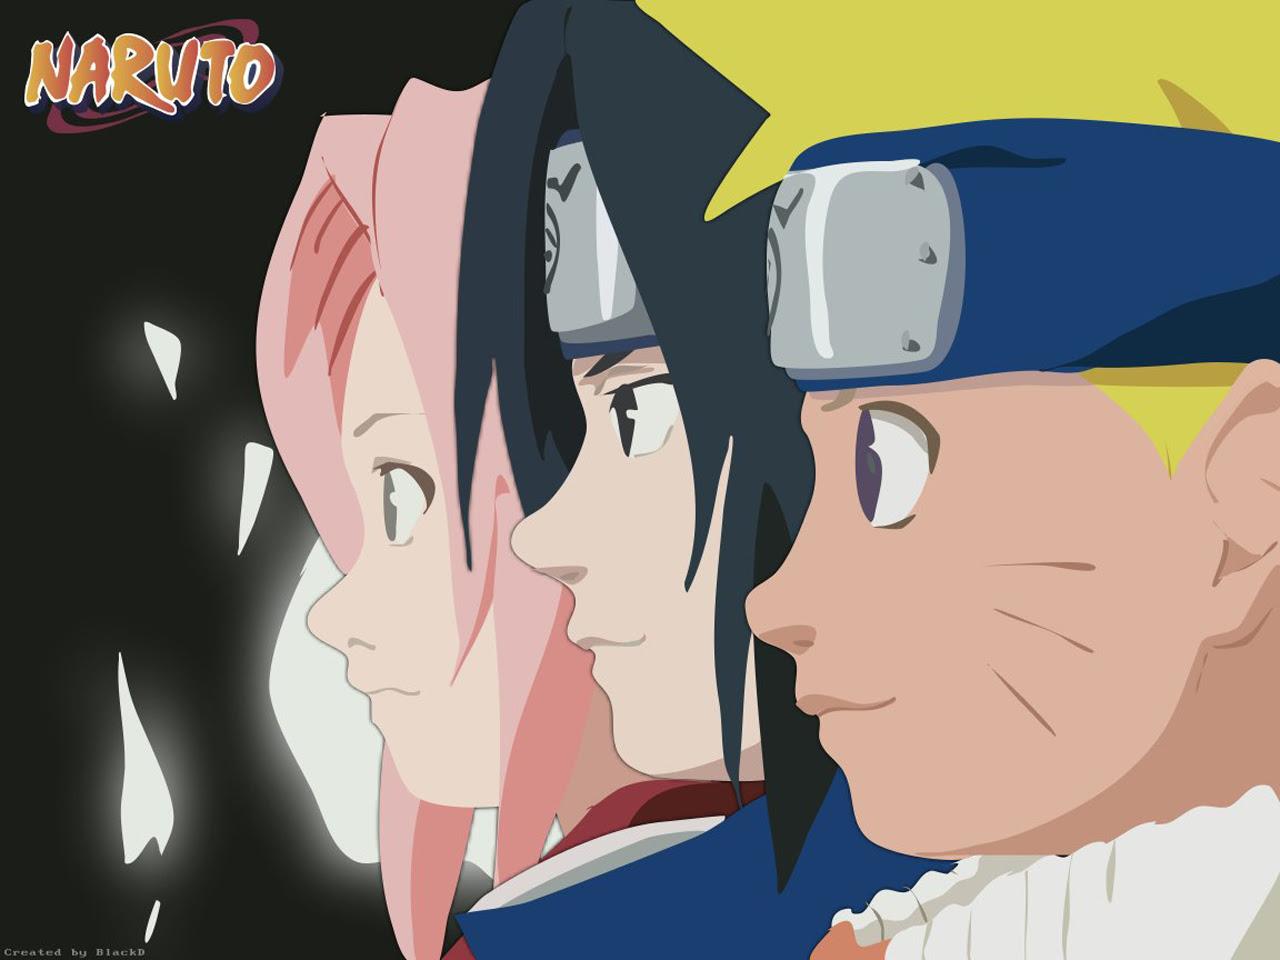 アニメ壁紙 無料ダウンロード Naruto ナルト narutoの壁紙